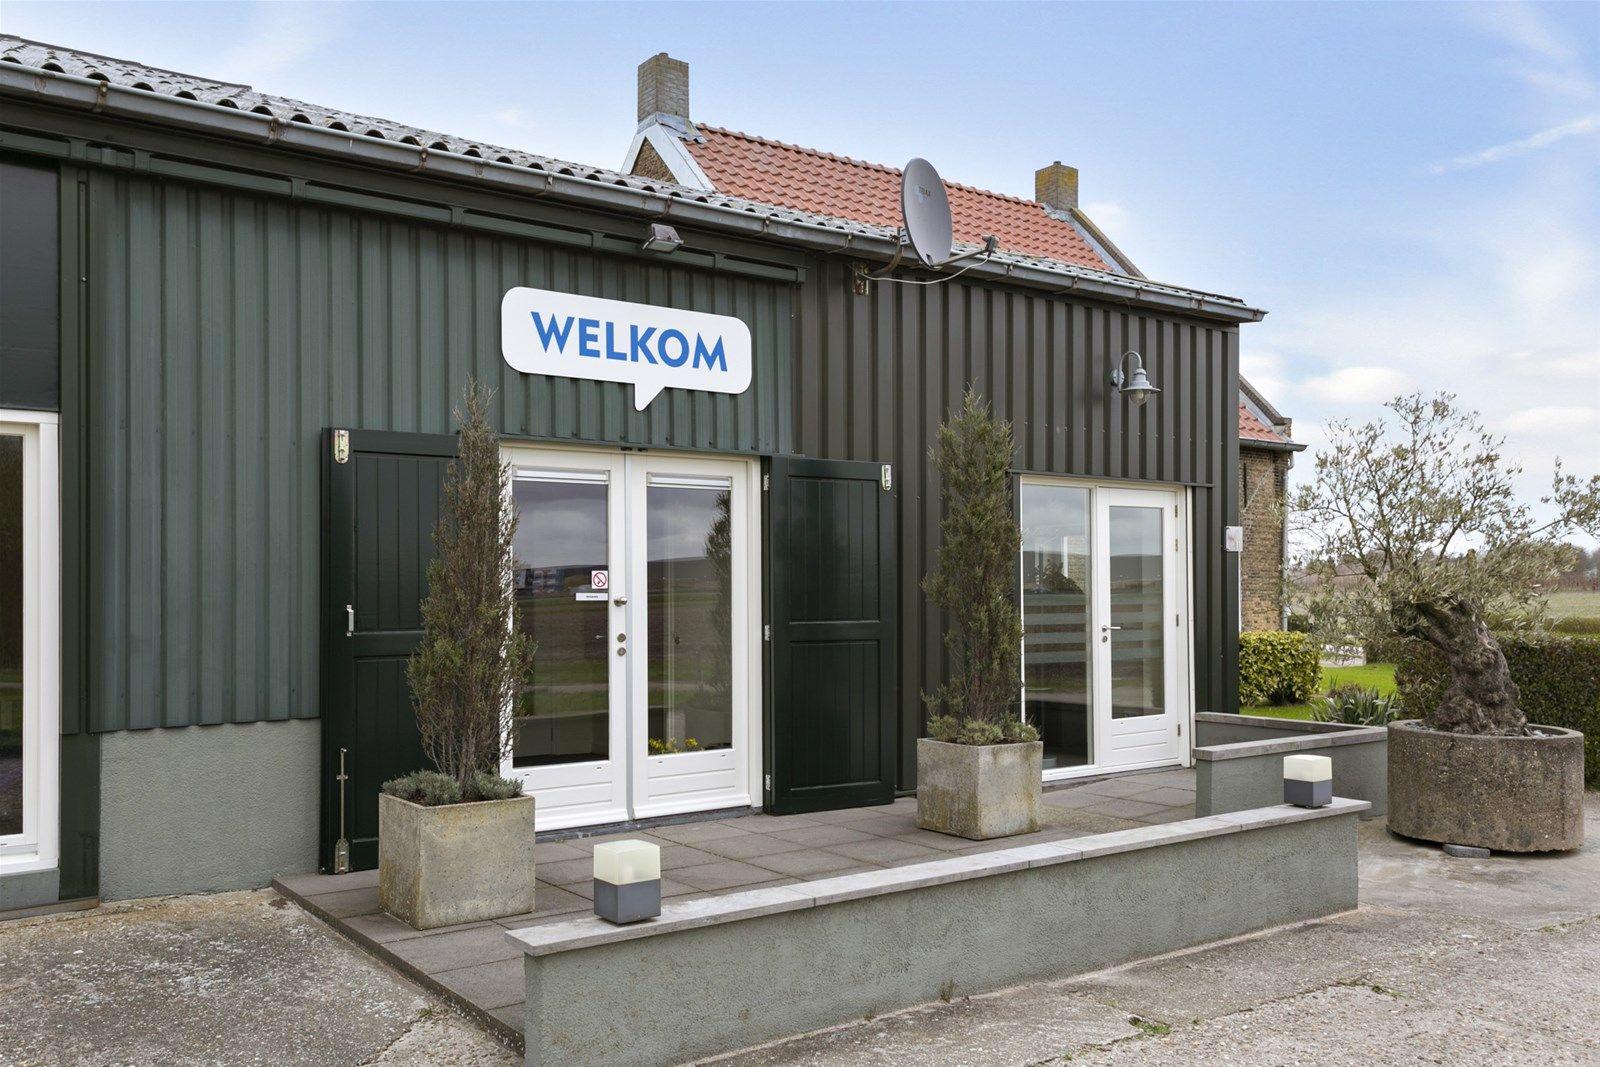 Deze woning met aanpandige kantoorruimte en stallen is landelijk gelegen in het buitengebied van Oud Gastel.  Het geheel bestaat uit een woning, kantoor- en vergaderruimtes en een voormalige koeienstal en varkensstal. Het object is gelegen op een perceel van 1.28.30 ha grond.   Deze locatie heeft een agrarische bestemming.  Er zijn mogelijkheden om onder voorwaarden de bestemming te wijzigen naar een woon- of bedrijvenbestemming.  Er dient rekening gehouden te worden met moderniseringskosten.  BEGANE GROND  Voorentree met toegang tot slaapkamer, kelder, eetkamer en vaste trap naar 1e verdieping. Afwerking- Vloerbedekking, houten lambrisering met erboven behang en een boardplafond.  Opkamer met vaste kast, te bereiken via trap. Afwerking- Vloerbedekking, stucwek/board wanden en balkenplafond.  Kelder te bereiken via trap. Afwerking- Tegelvloer, stenen wanden.  Slaapkamer (ook te gebruiken als woonkamer) aan voorzijde met vaste kast en gashaard.  Afwerking- Laminaatvloer, behangen wanden en een boardplafond.  Woonkamer met 2 vaste kasten, gashaard en ensuite-deuren naar de eetkamer.  Afwerking- Tegelvloer, behangen wanden en een boardplafond.  Eetkamer met 2 vaste kasten, gashaard en toegang tot hal en keuken.  Afwerking- Tegelvloer, deels behangen wanden en deels stucwerk en een boardplafond.  Keuken uitgerust met een recht werkblad, spoelbak, en kastruimte, met toegang tot bijkeuken. Afwerking- Tegelvloer, wanden deels betegeld met erboven stucwerk en een boardplafond.  Bijkeuken met achterentree en toegang tot badkamer toilet en de doorgang tot vergaderlocatie. Afwerking- Tegelvloer, wandtegels met erboven stucwerk en een houten fond.  Toiletruimte met toilet. Afwerking- Vloertegels, wandtegels met erboven stucwerk en een houten plafond.  Badkamer met ligbad, douche en wastafel. Afwerking- Vloertegels, wandtegels, kunststof schrotenplafond.  EERSTE VERDIEPING  Overloop met toegang tot 4 slaapkamers  Afwerking- Vloerbedekking, behangen wanden en boardplafond.  Slaap